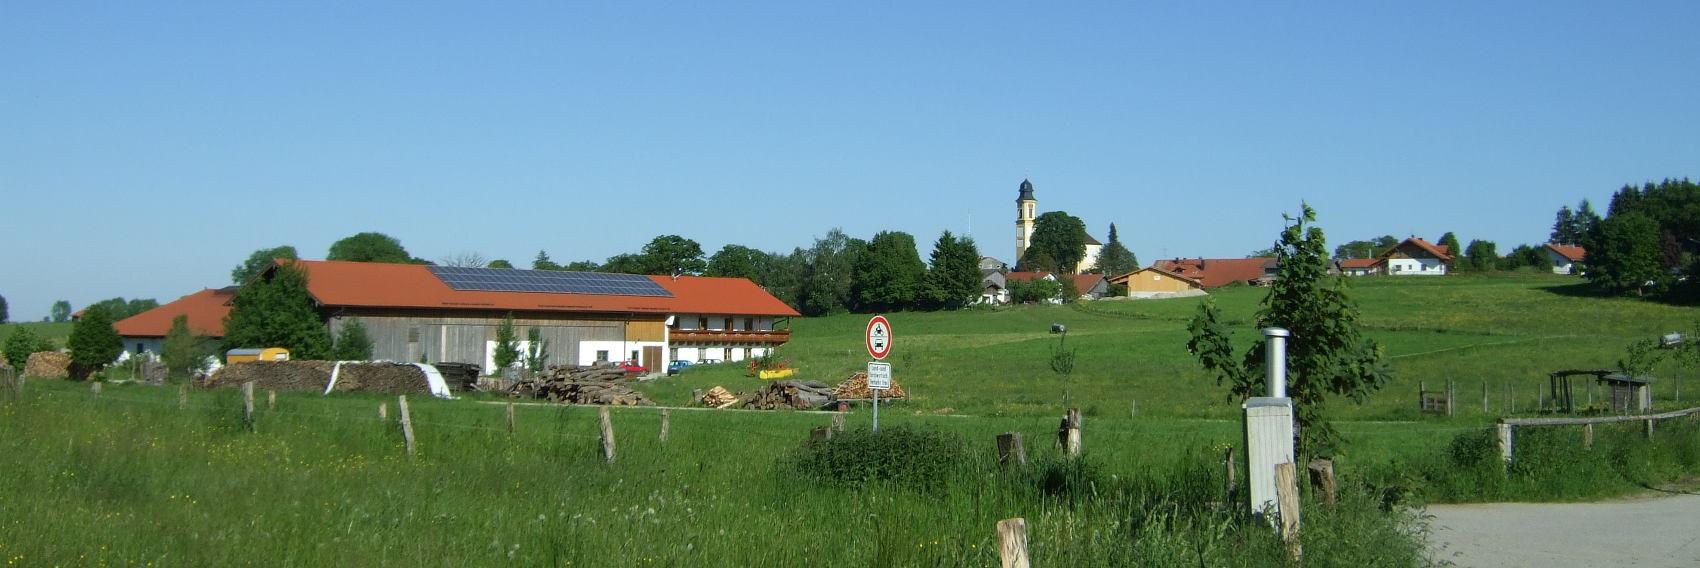 Radtour Unterhaching, Grünwald